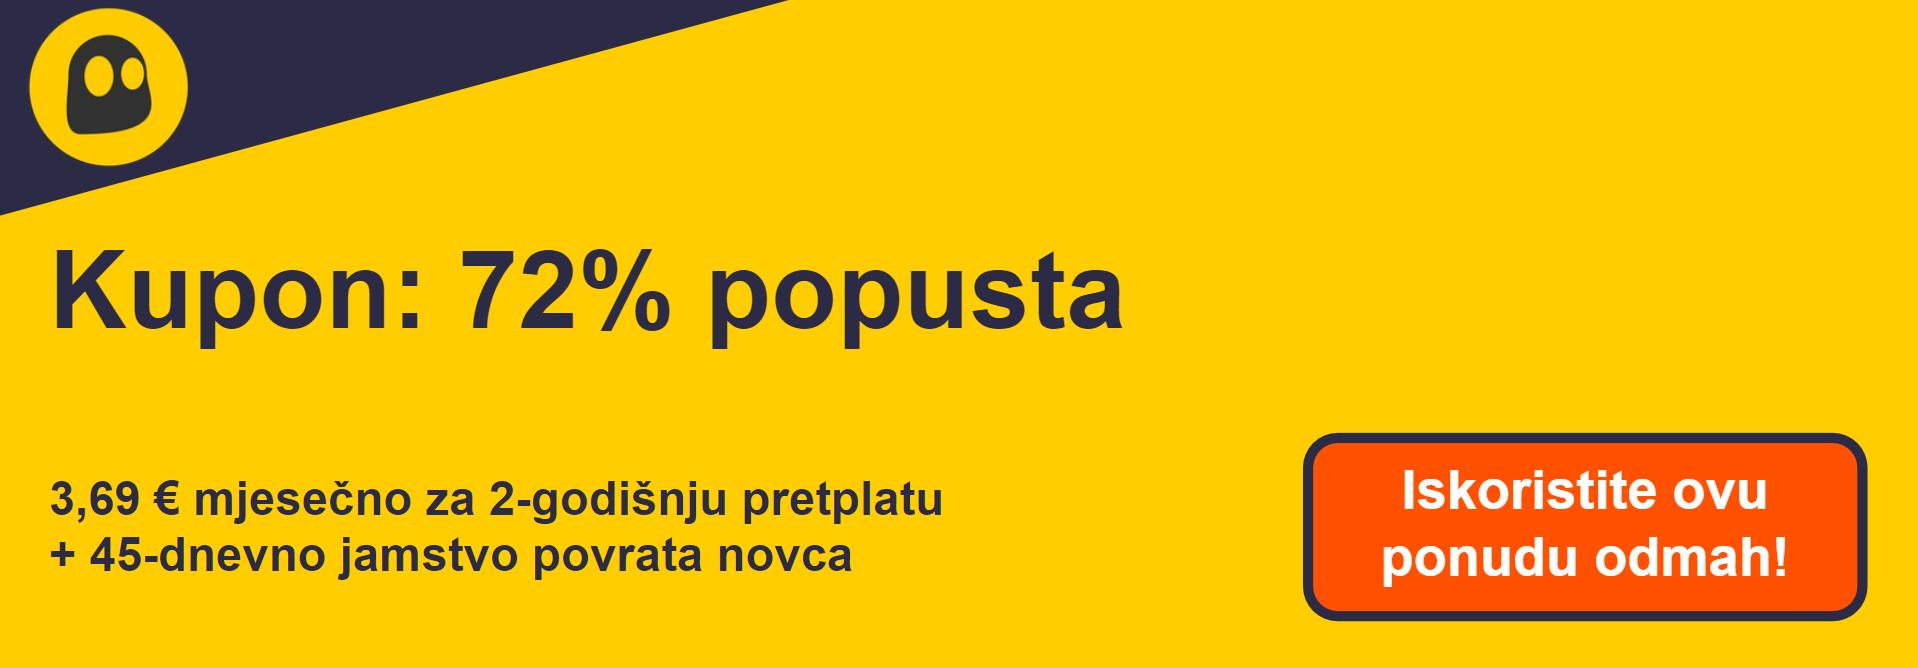 Grafika radnog CyberGhost VPN kupona koji nudi popust od 72%, što iznosi 4,99 USD mjesečno na dvogodišnjoj pretplati s jamstvom povrata novca od 45 dana